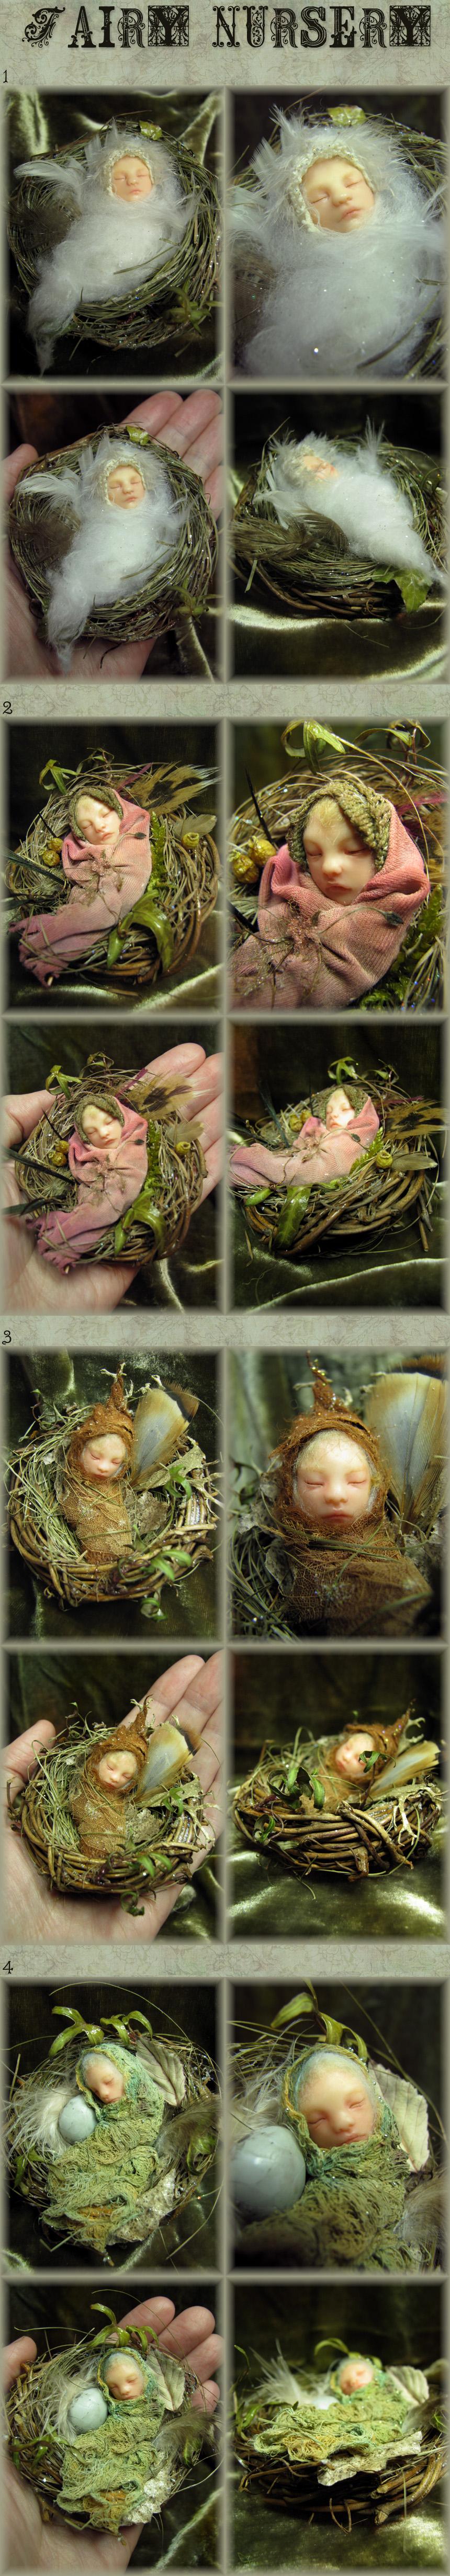 Lovely site   Nenúfar Blanco ~ Fairy Nursery  http://www.nenufar-blanco.com/FN.htm#